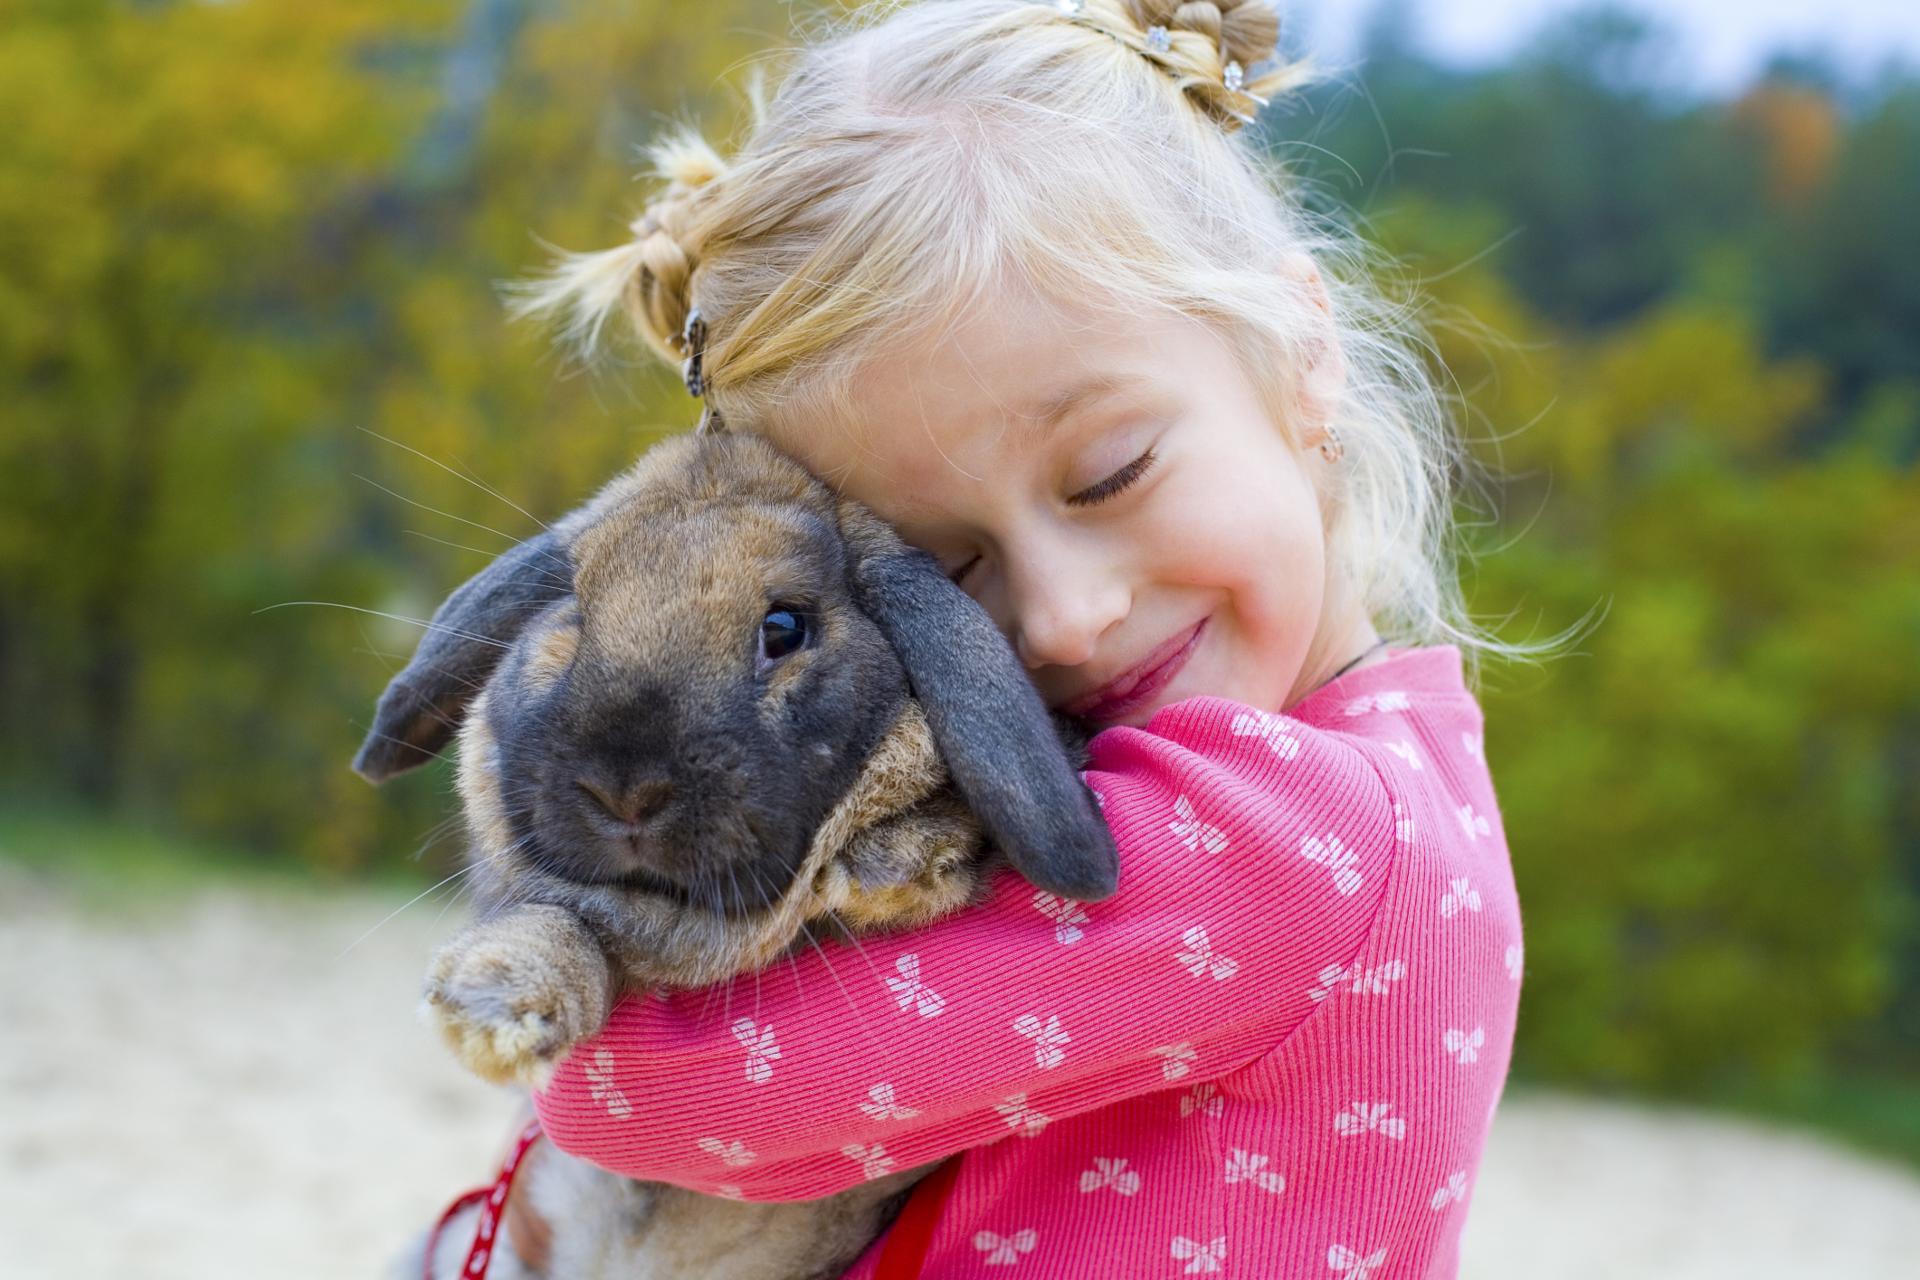 Haustiere unterstützen ein gesundes und ausgeglichenes Leben